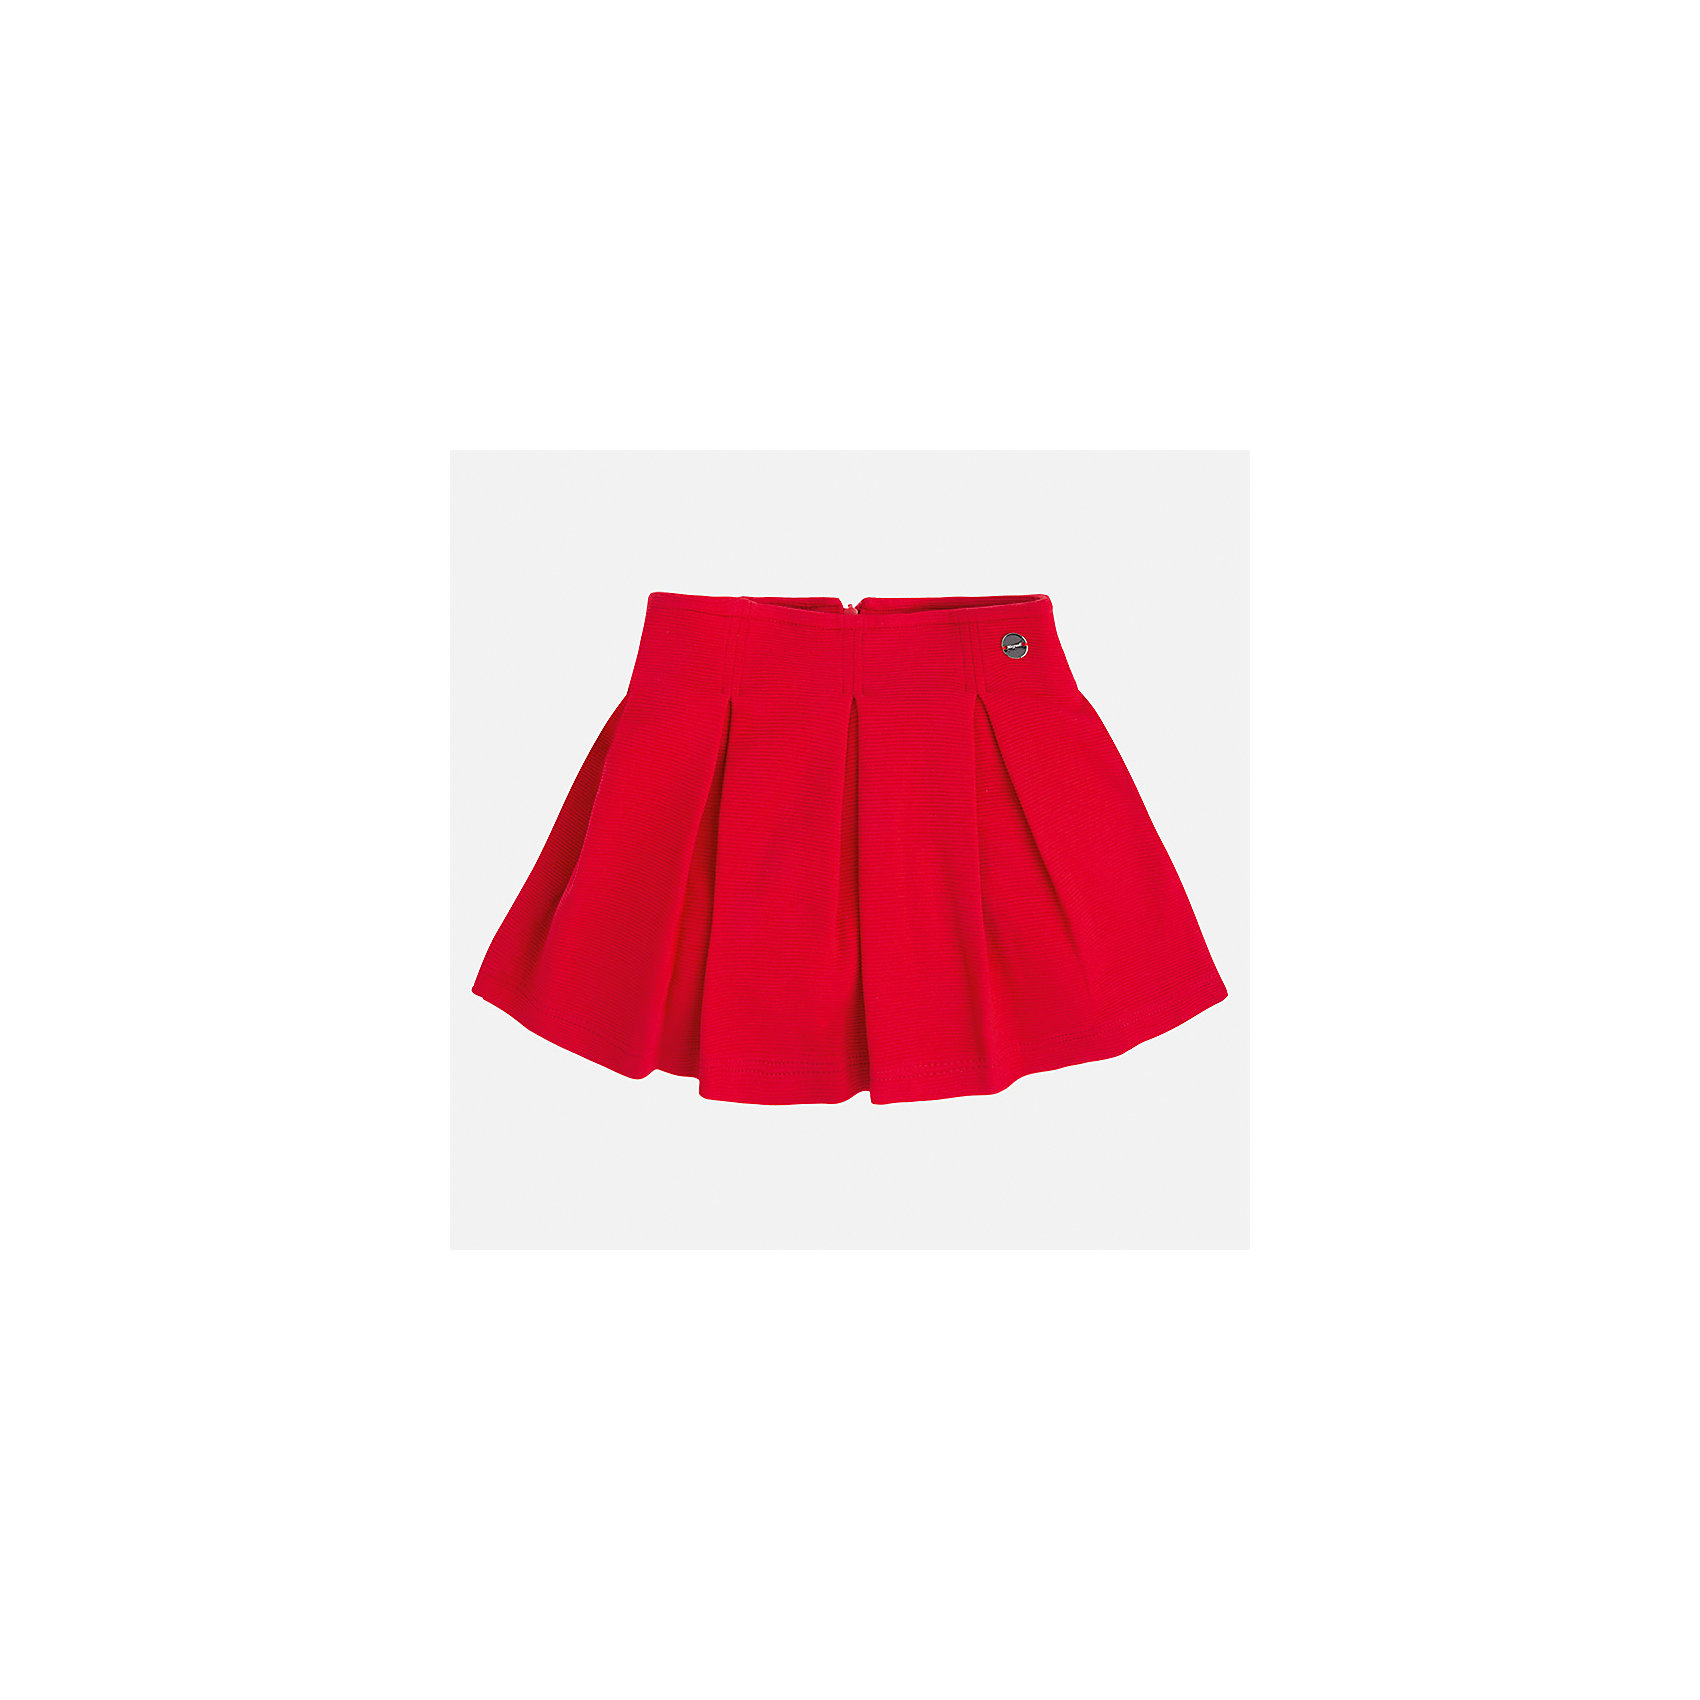 Юбка для девочки MayoralЮбки<br>Характеристики товара:<br><br>• цвет: красный<br>• состав: 63% хлопок, 36% полиэстер, 1% эластан<br>• молния<br>• складки<br>• металлический логотип<br>• страна бренда: Испания<br><br>Эффектная юбка для девочки поможет разнообразить гардероб ребенка и создать эффектный наряд. Она отлично сочетаются с майками, футболками, блузками. Универсальный цвет позволяет подобрать к вещи верх разных расцветок. Юбка отлично сидит и не стесняет движения.<br><br>Одежда, обувь и аксессуары от испанского бренда Mayoral полюбились детям и взрослым по всему миру. Модели этой марки - стильные и удобные. Для их производства используются только безопасные, качественные материалы и фурнитура. Порадуйте ребенка модными и красивыми вещами от Mayoral! <br><br>Юбку для девочки от испанского бренда Mayoral (Майорал) можно купить в нашем интернет-магазине.<br><br>Ширина мм: 207<br>Глубина мм: 10<br>Высота мм: 189<br>Вес г: 183<br>Цвет: красный<br>Возраст от месяцев: 96<br>Возраст до месяцев: 108<br>Пол: Женский<br>Возраст: Детский<br>Размер: 134,92,98,104,110,116,122,128<br>SKU: 5300551